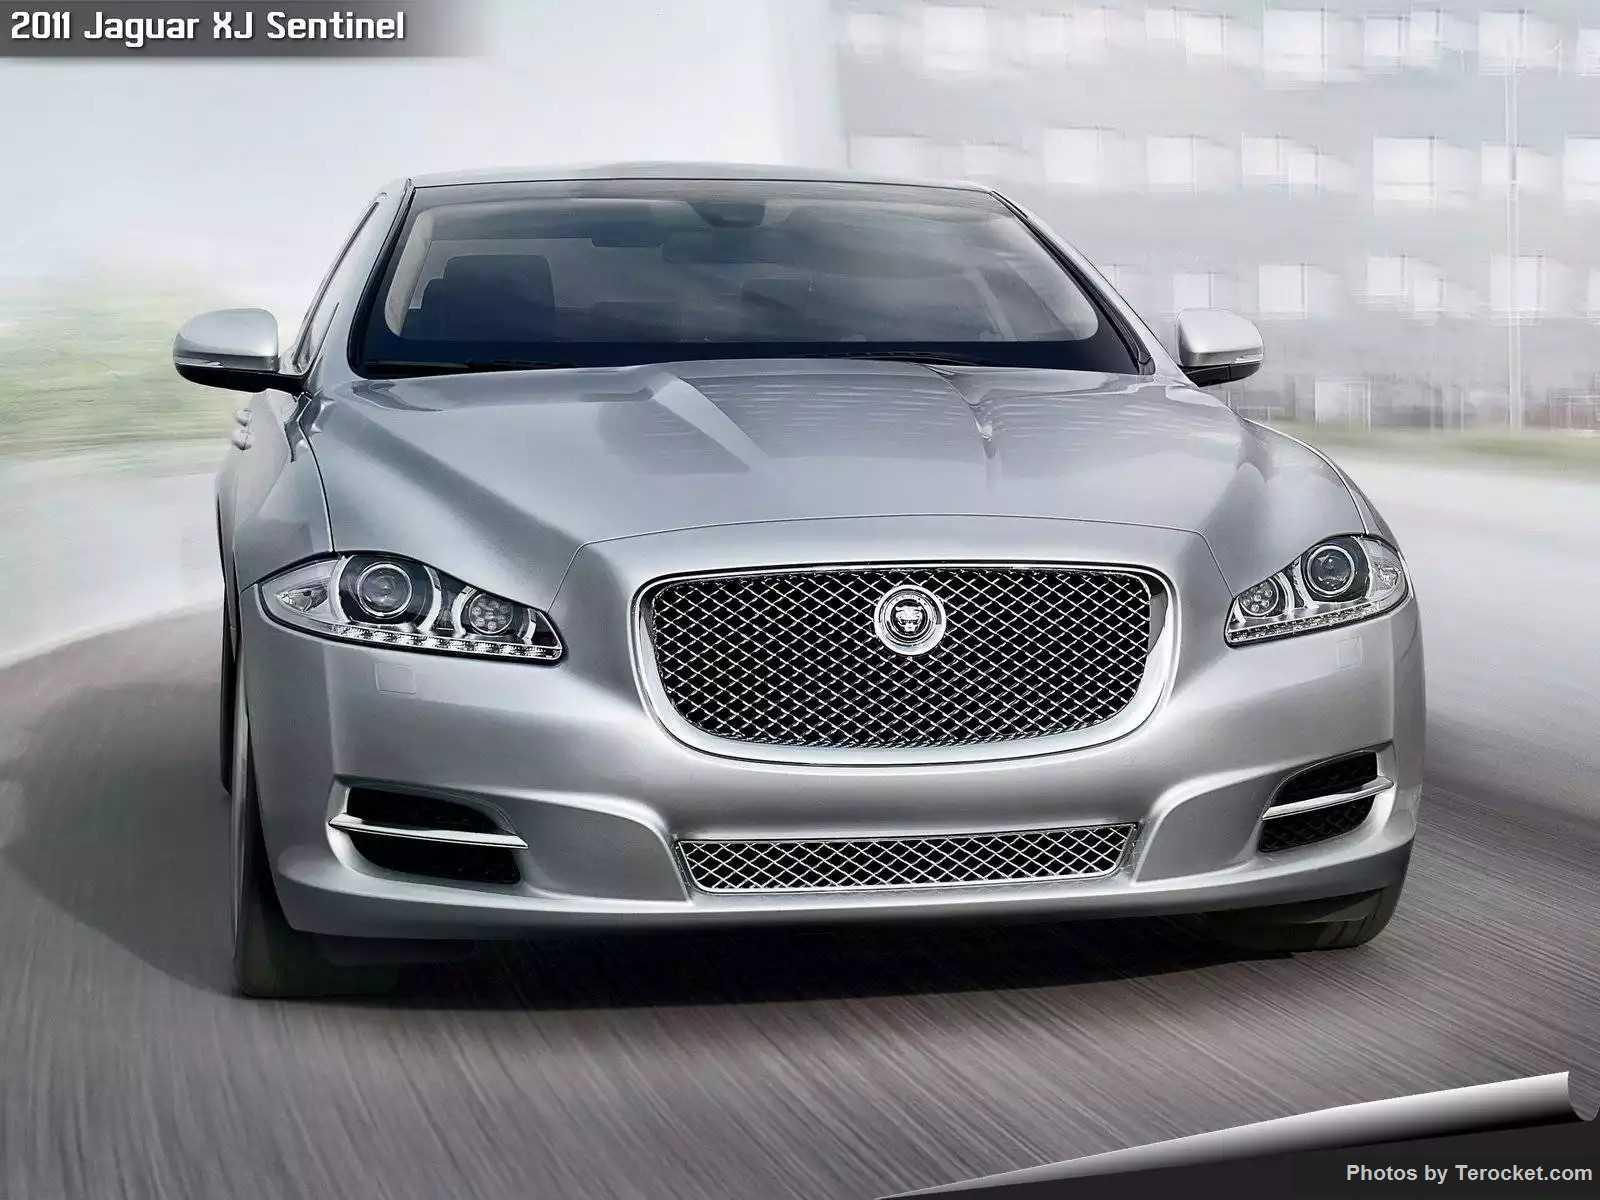 Hình ảnh xe ô tô Jaguar XJ Sentinel 2011 & nội ngoại thất